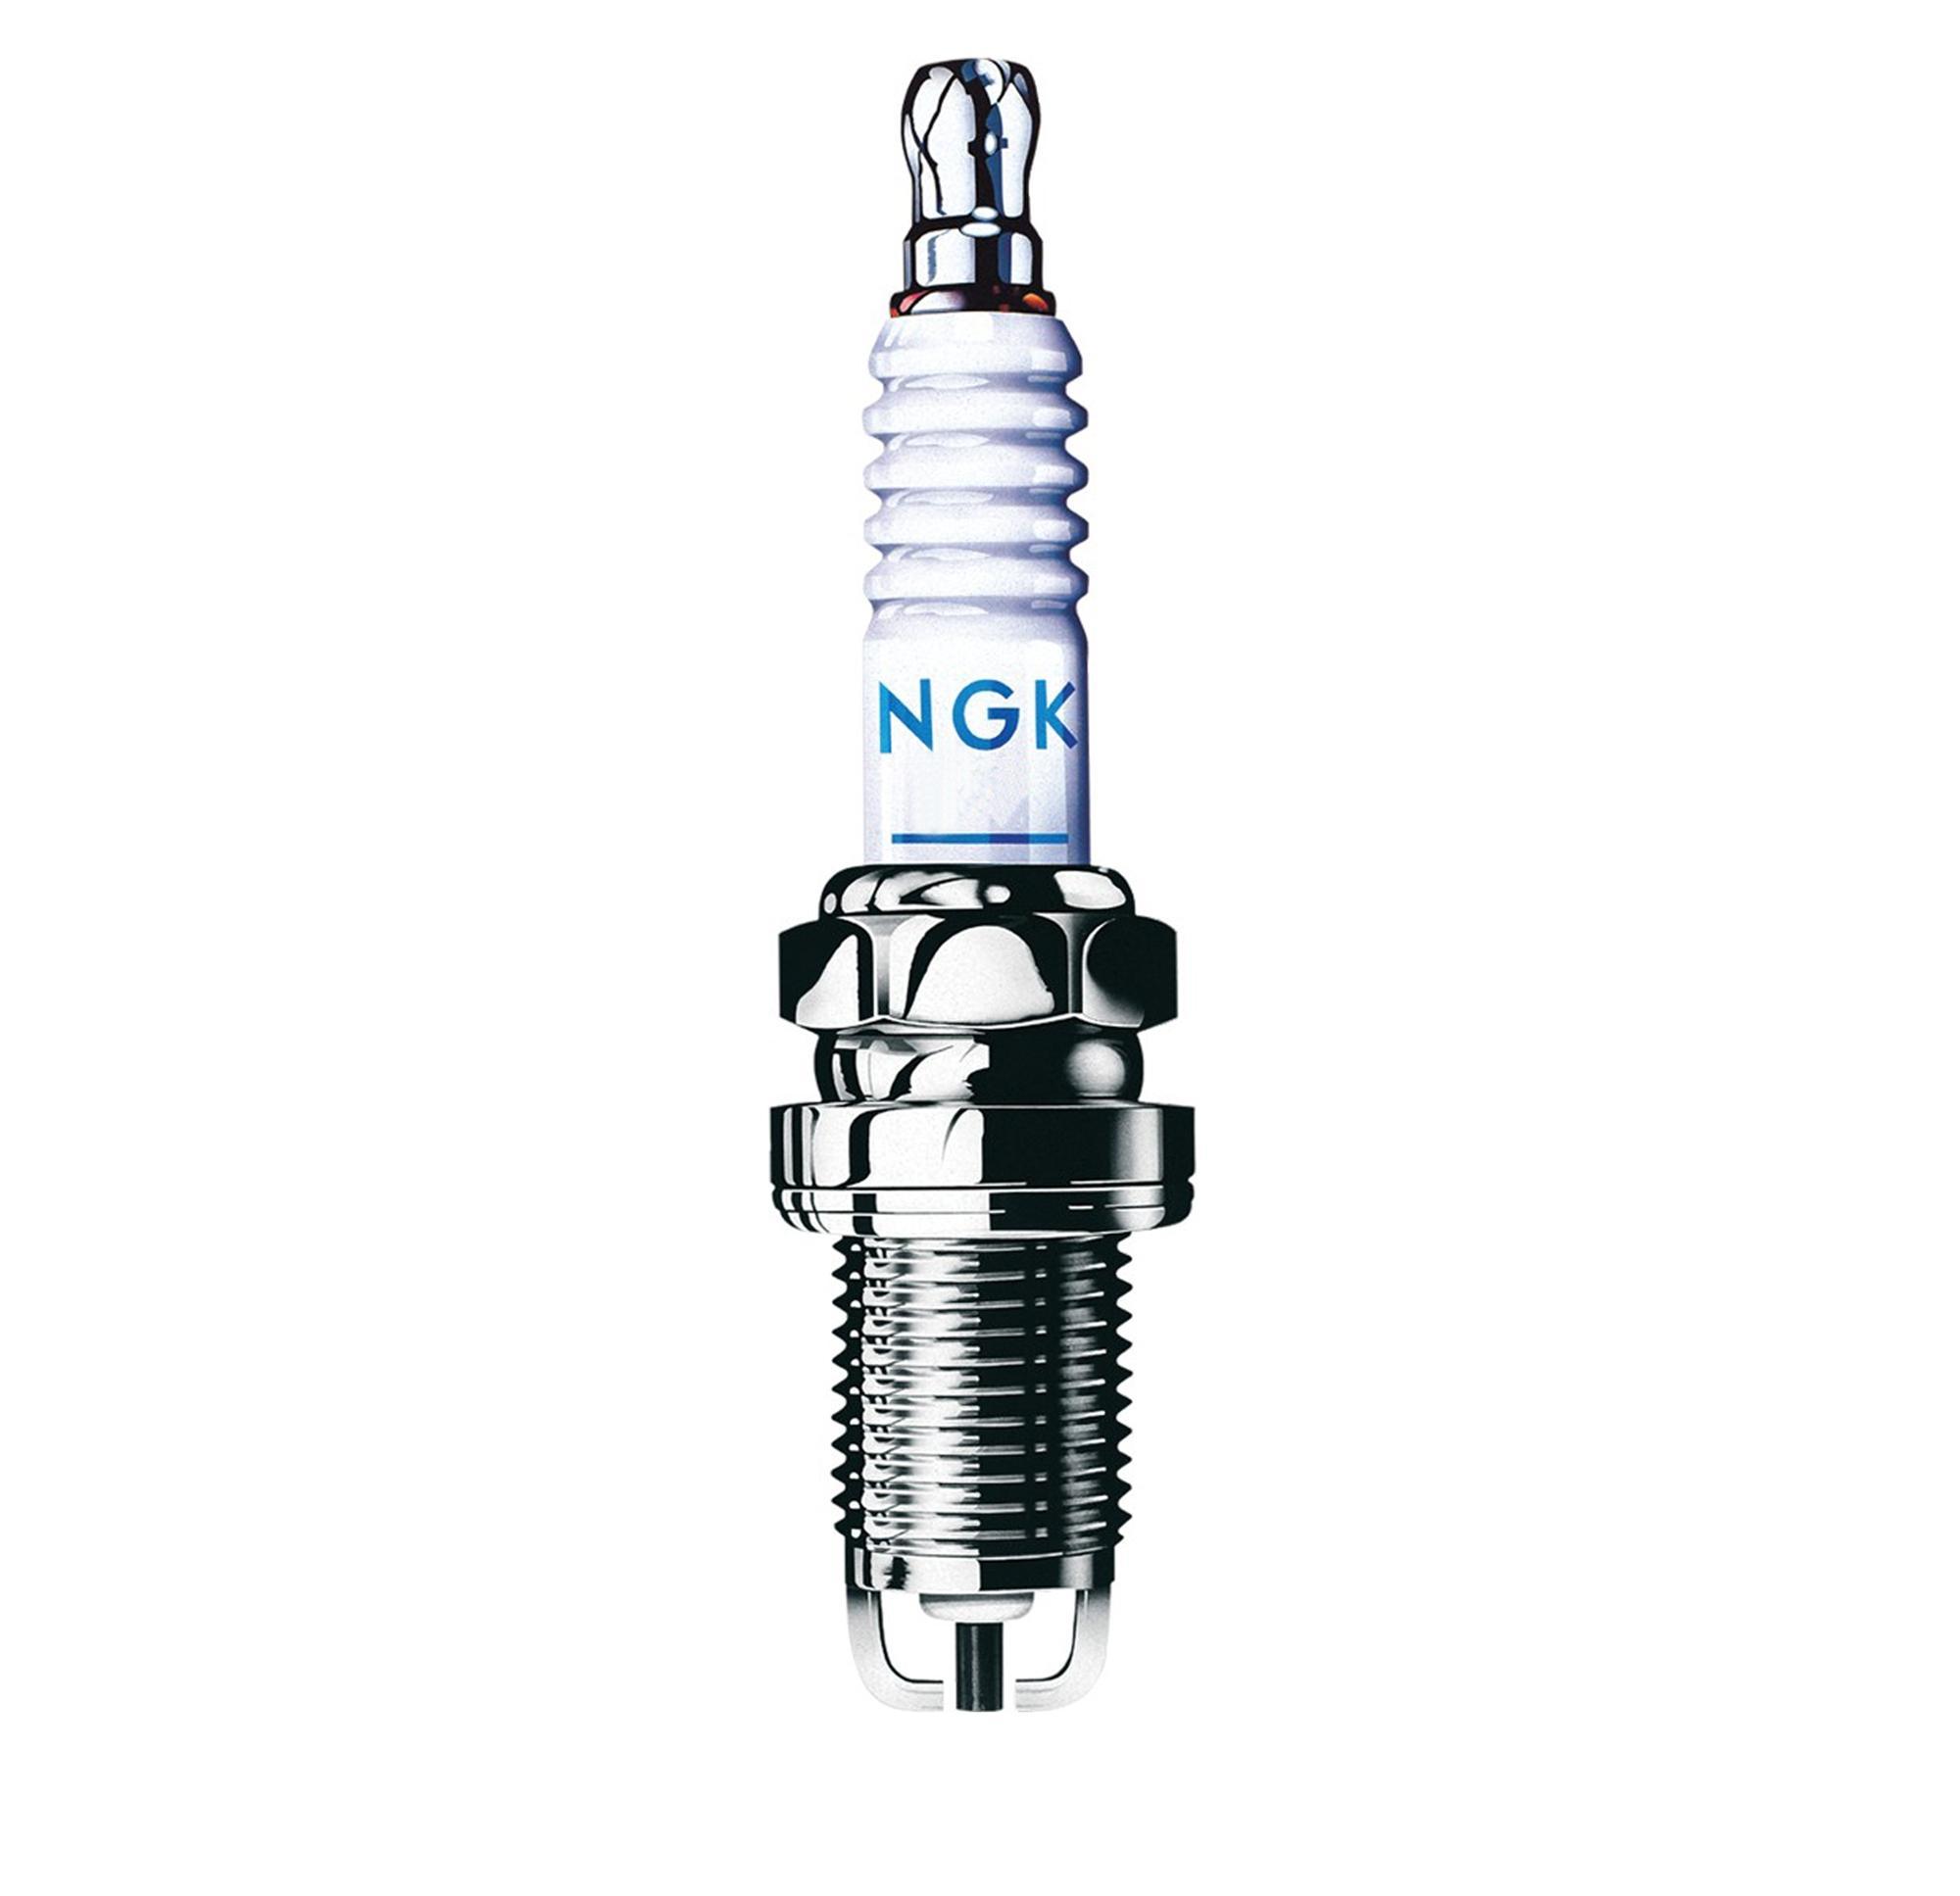 NGK B8ES Motorcycle Standard Spark Plug 14mm Thread